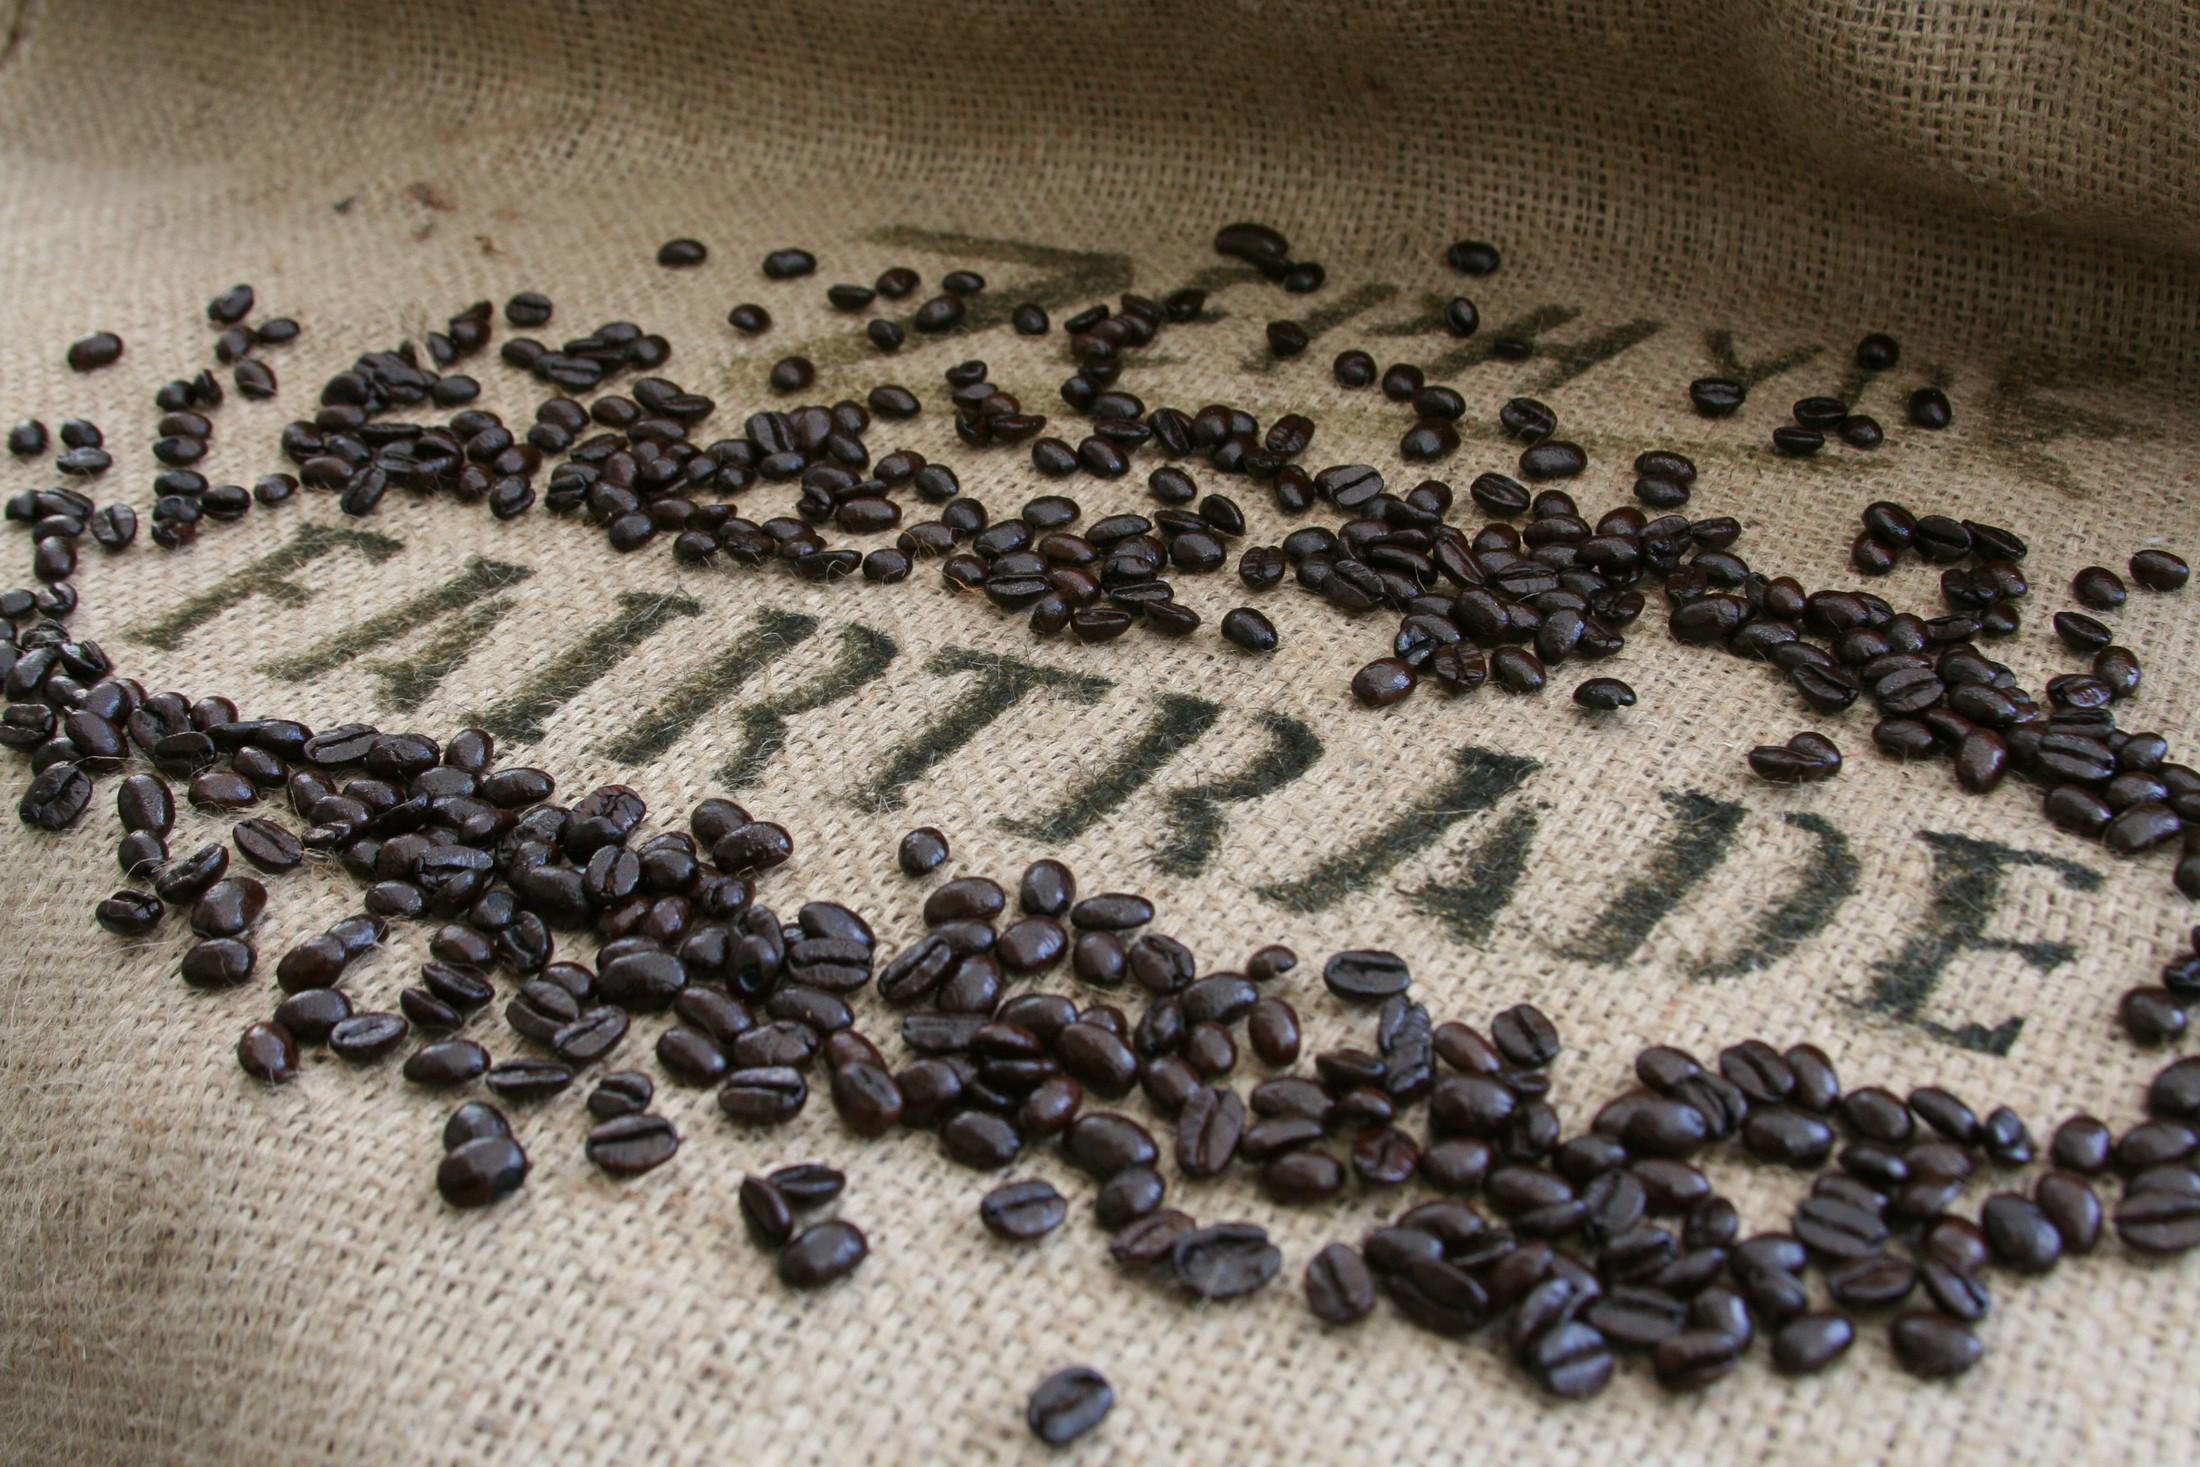 Starbucks fairtrade